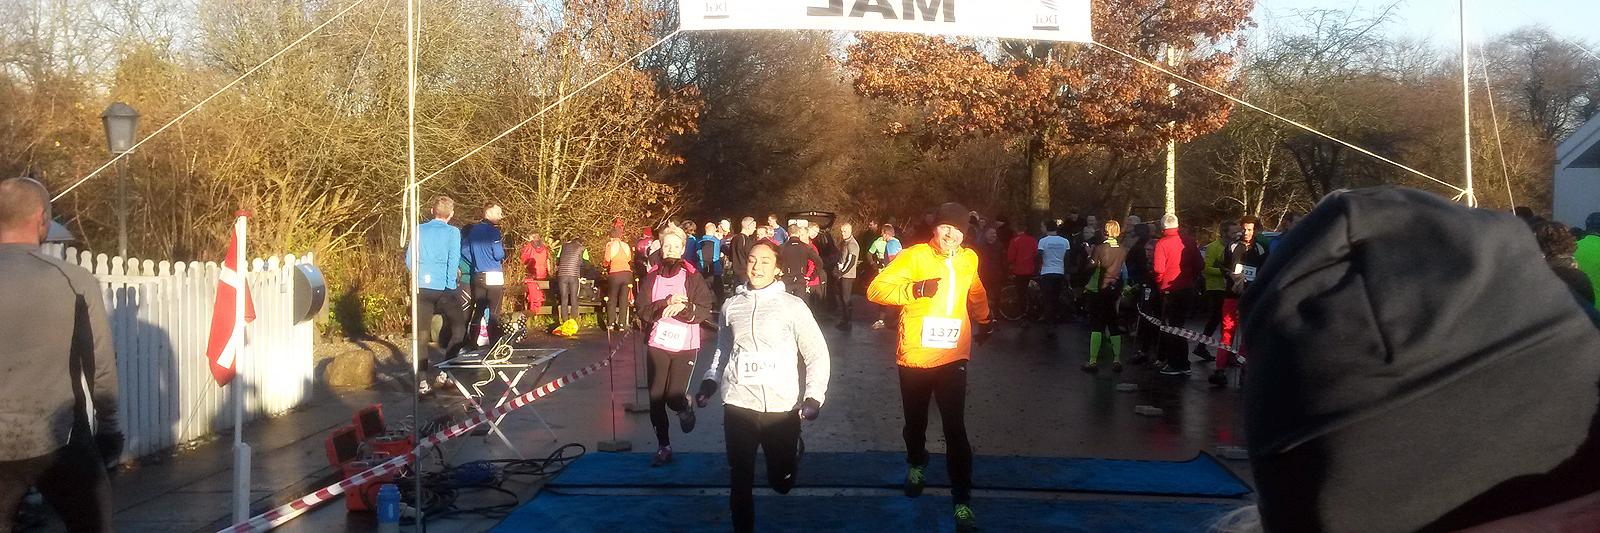 3 løbere i lange bukser løber om kap under mål-banner i skarp sol med skov i baggrunden